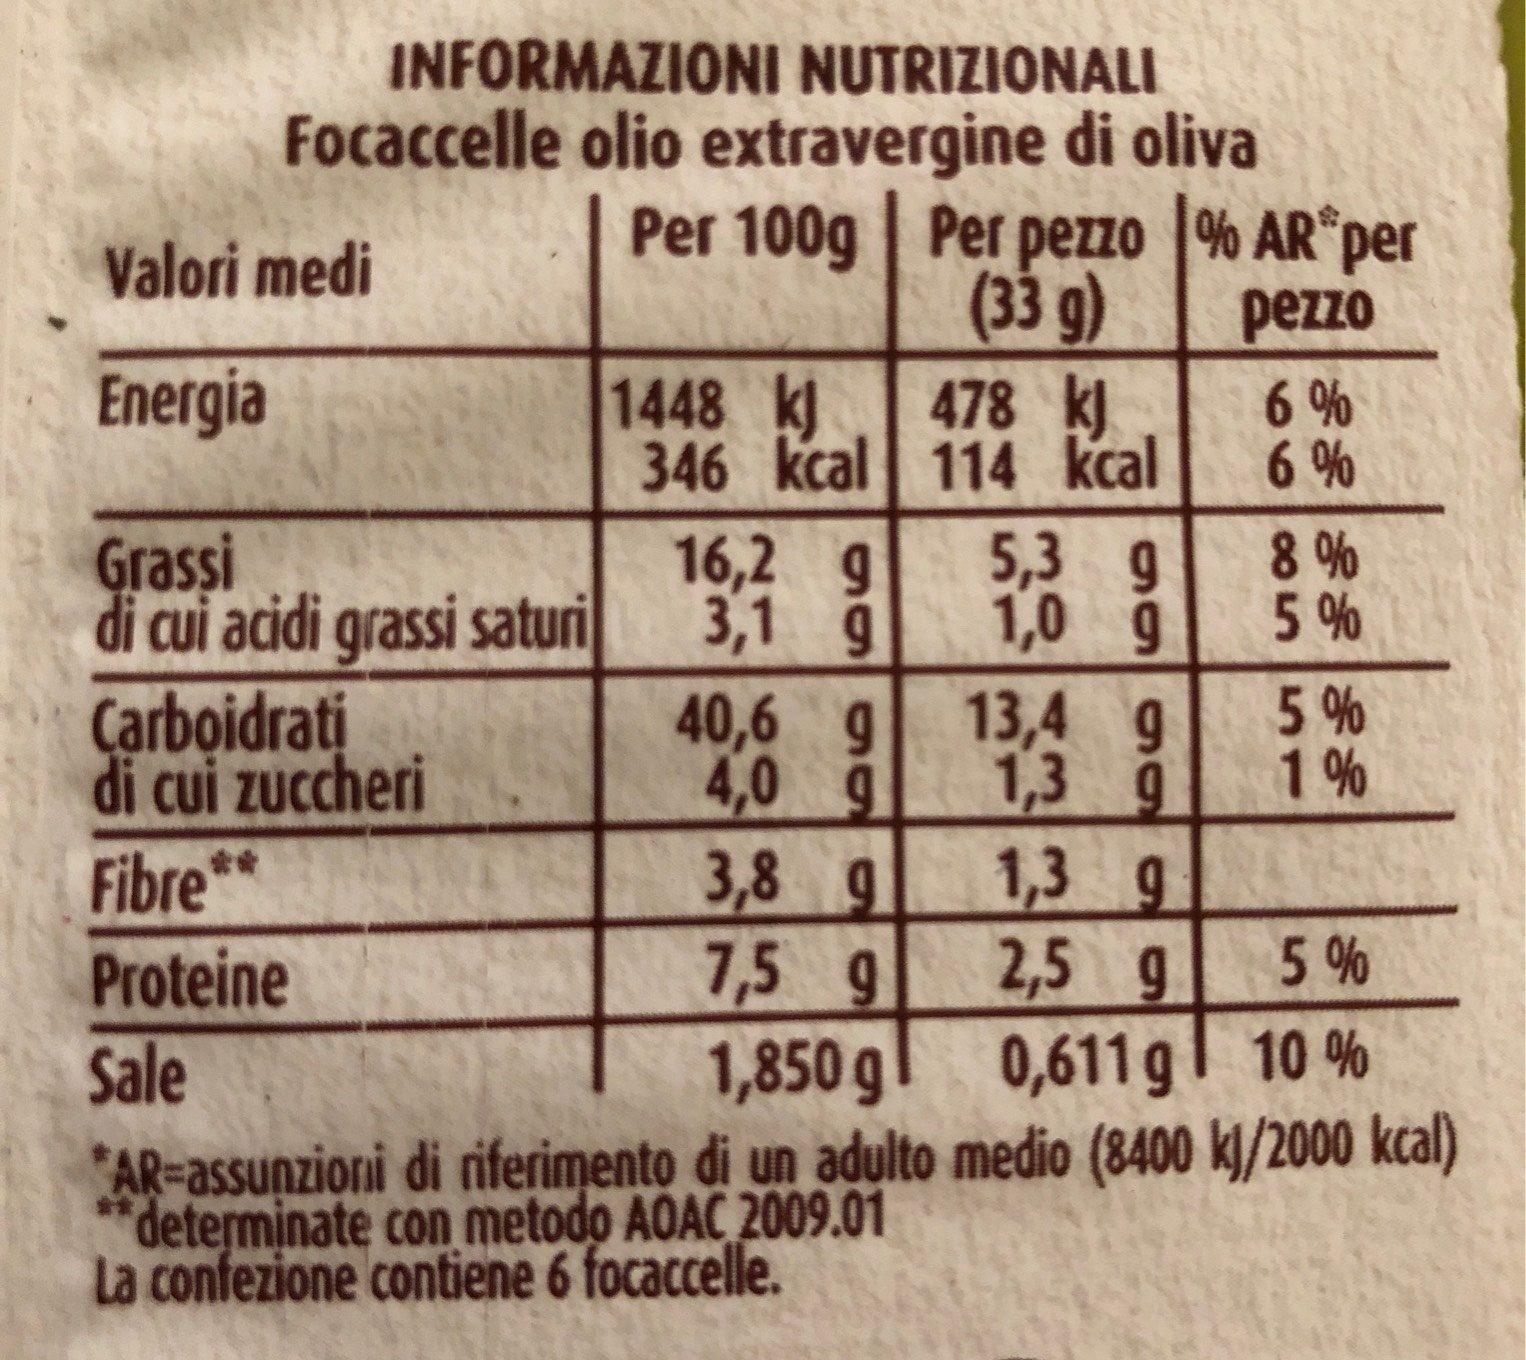 Focaccelle con Olio Extravergine du Oliva - Informazioni nutrizionali